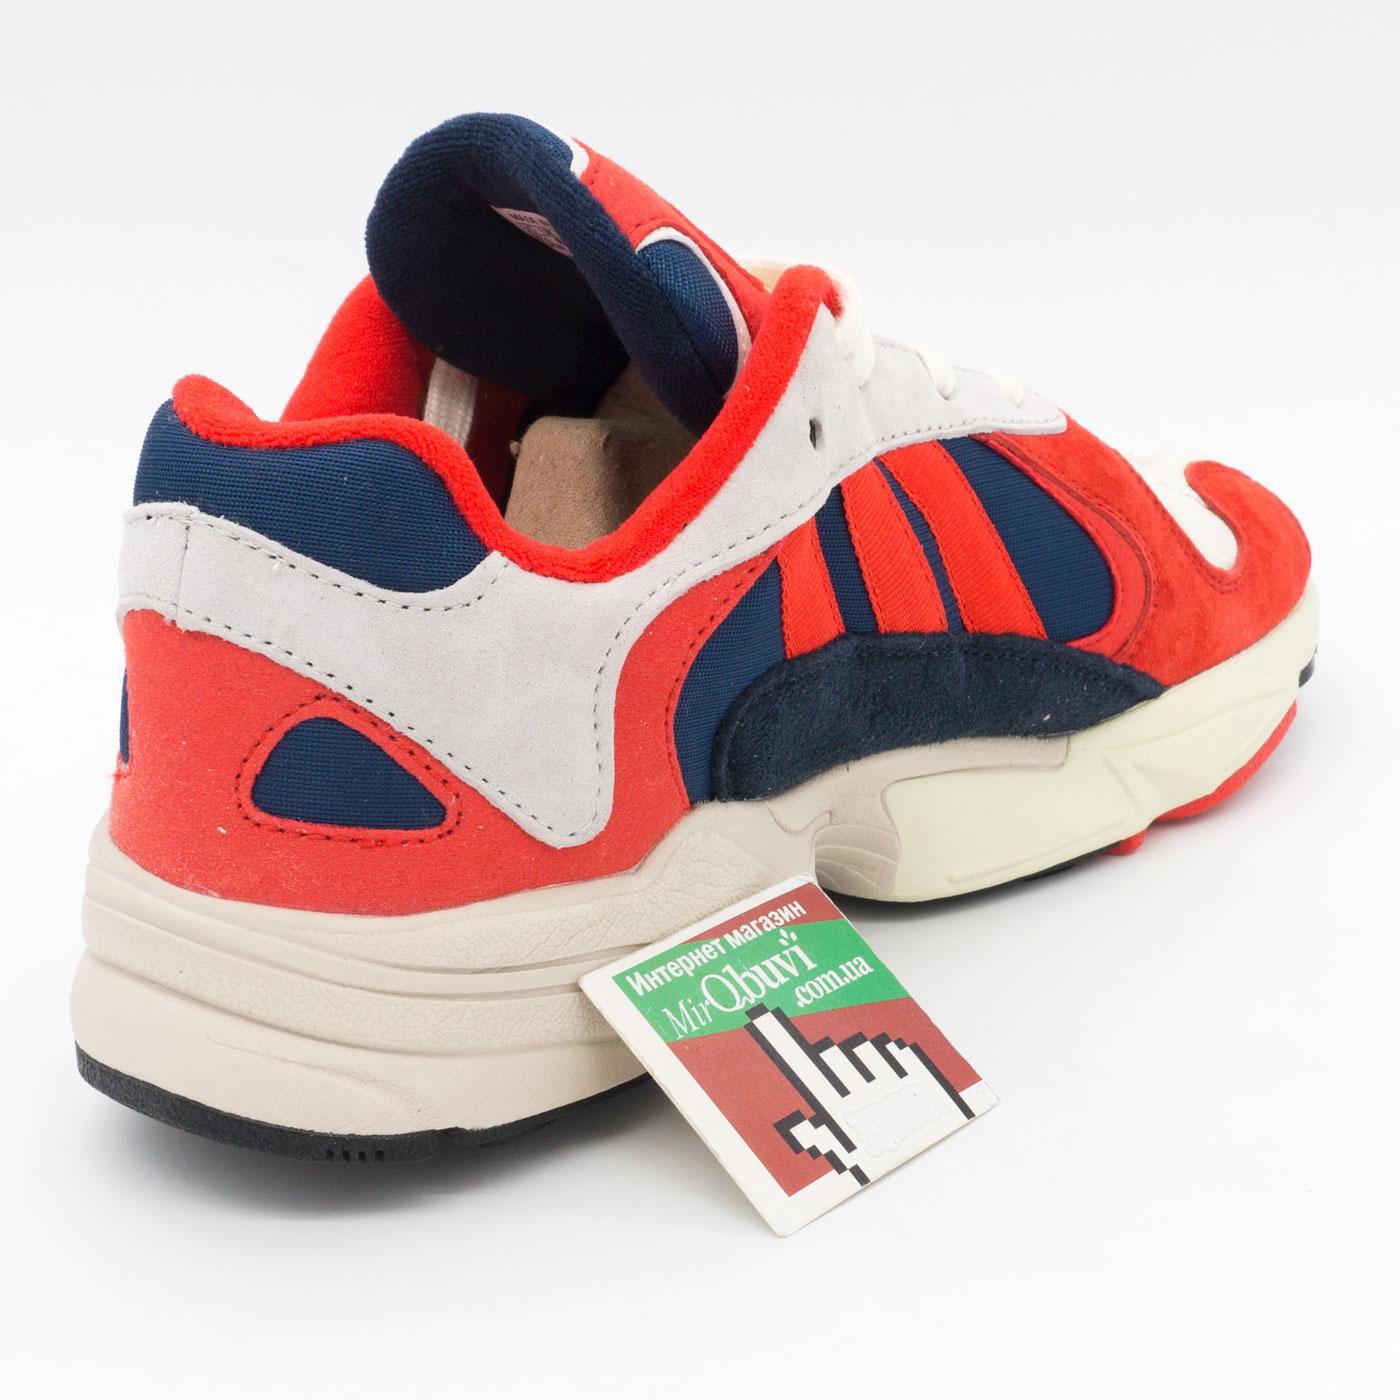 фото bottom Кроссовки Adidas Yung-1 красные, натуральная замша. Топ качество! bottom